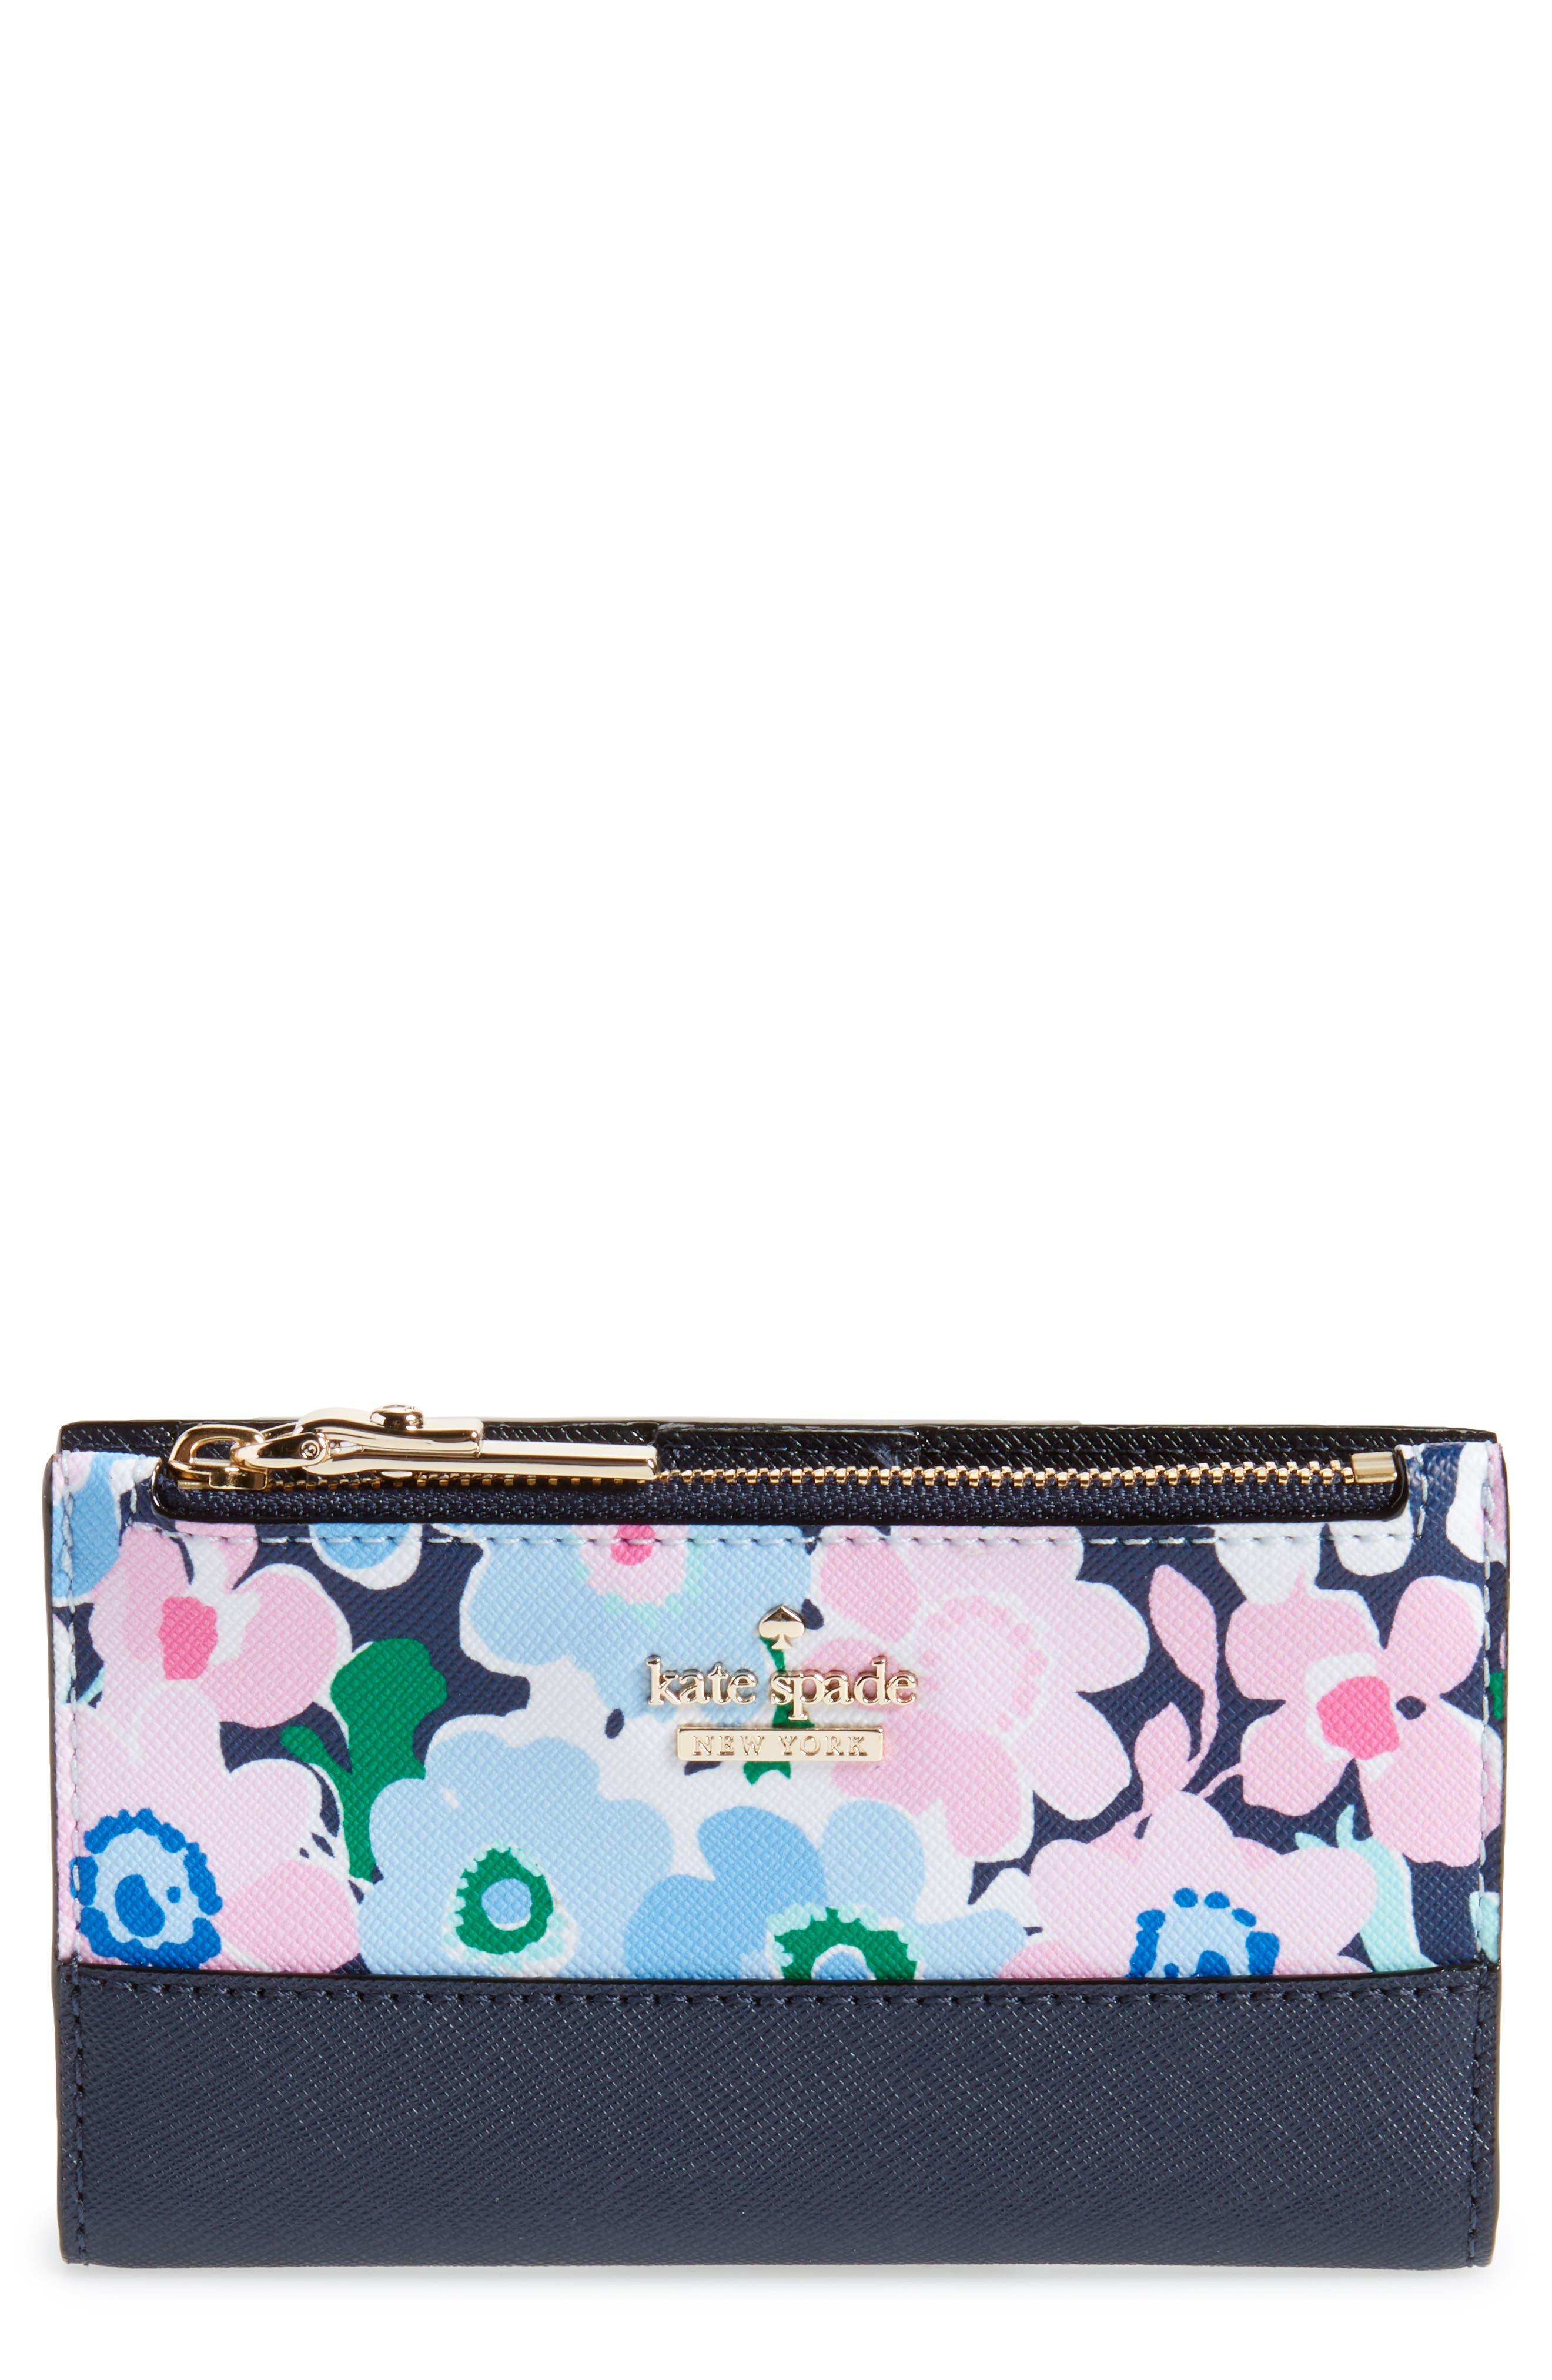 cameron street - daisy garden wallet,                             Main thumbnail 1, color,                             400